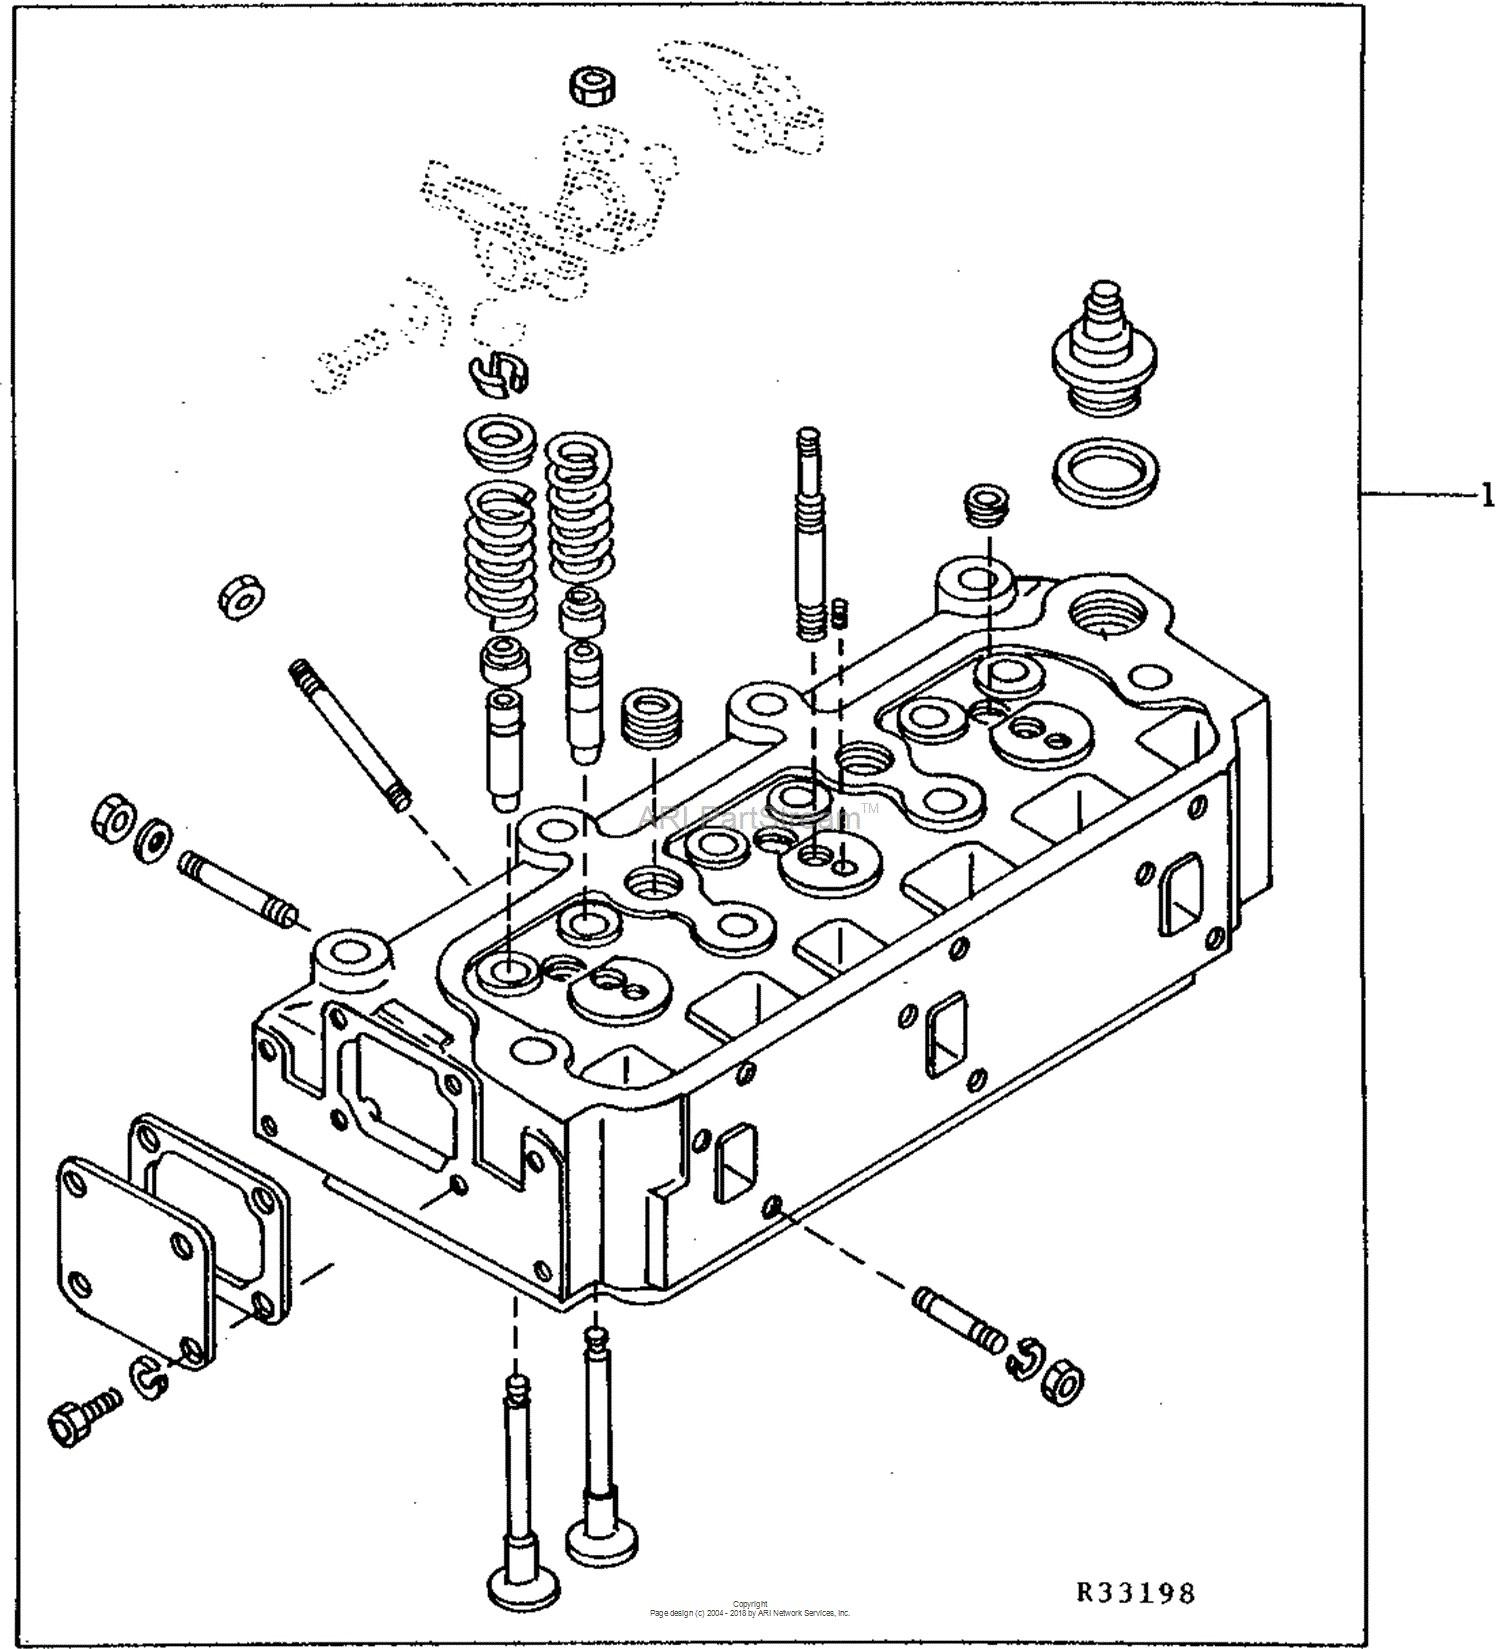 tractor engine diagram john deere parts diagrams john